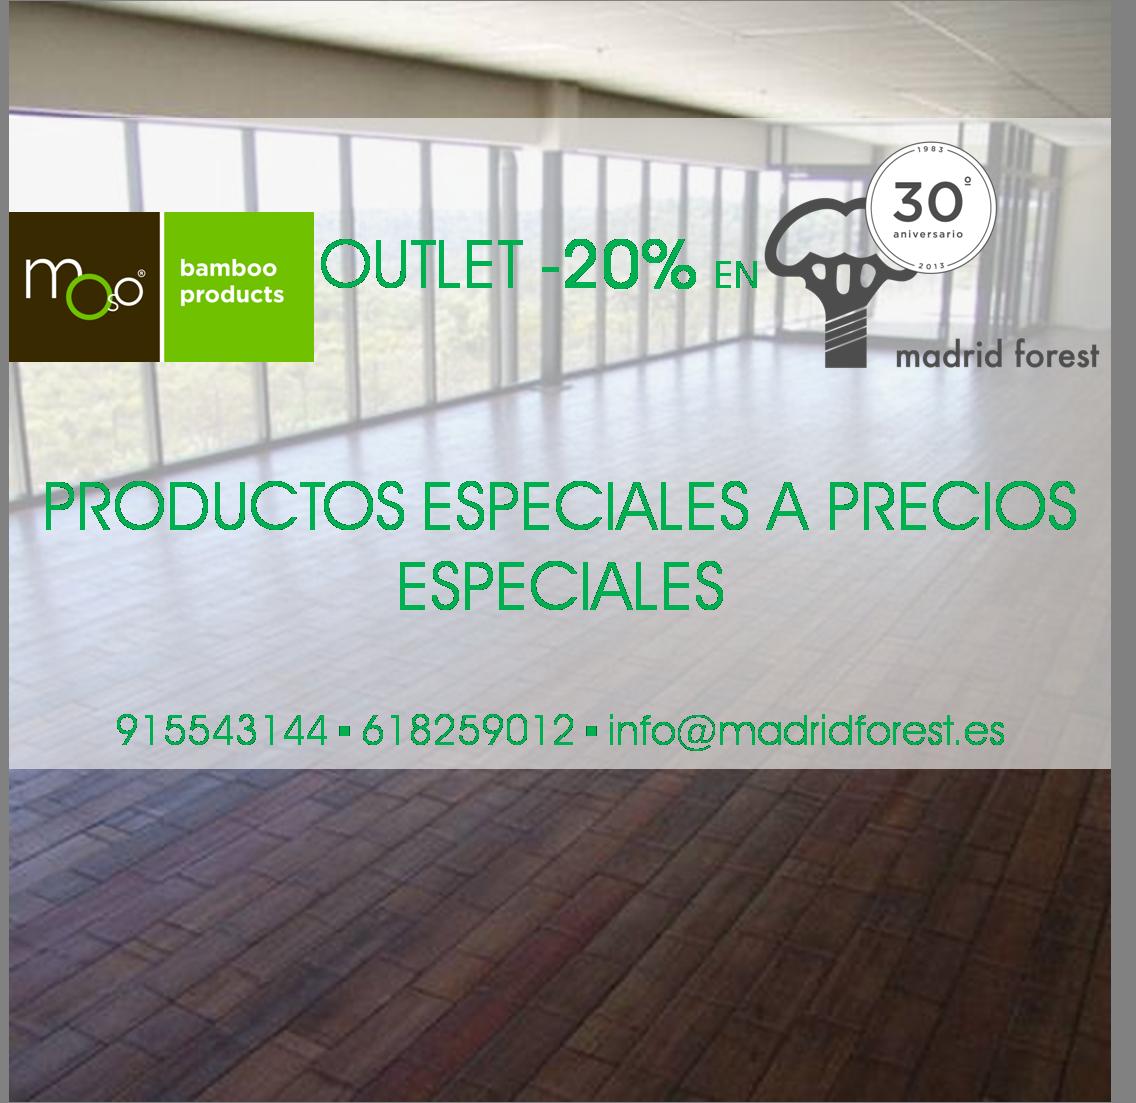 #Moso #Outlet #Oferta #suelosbambú #tarima bambú #bamboo Febrero- Marzo 2014